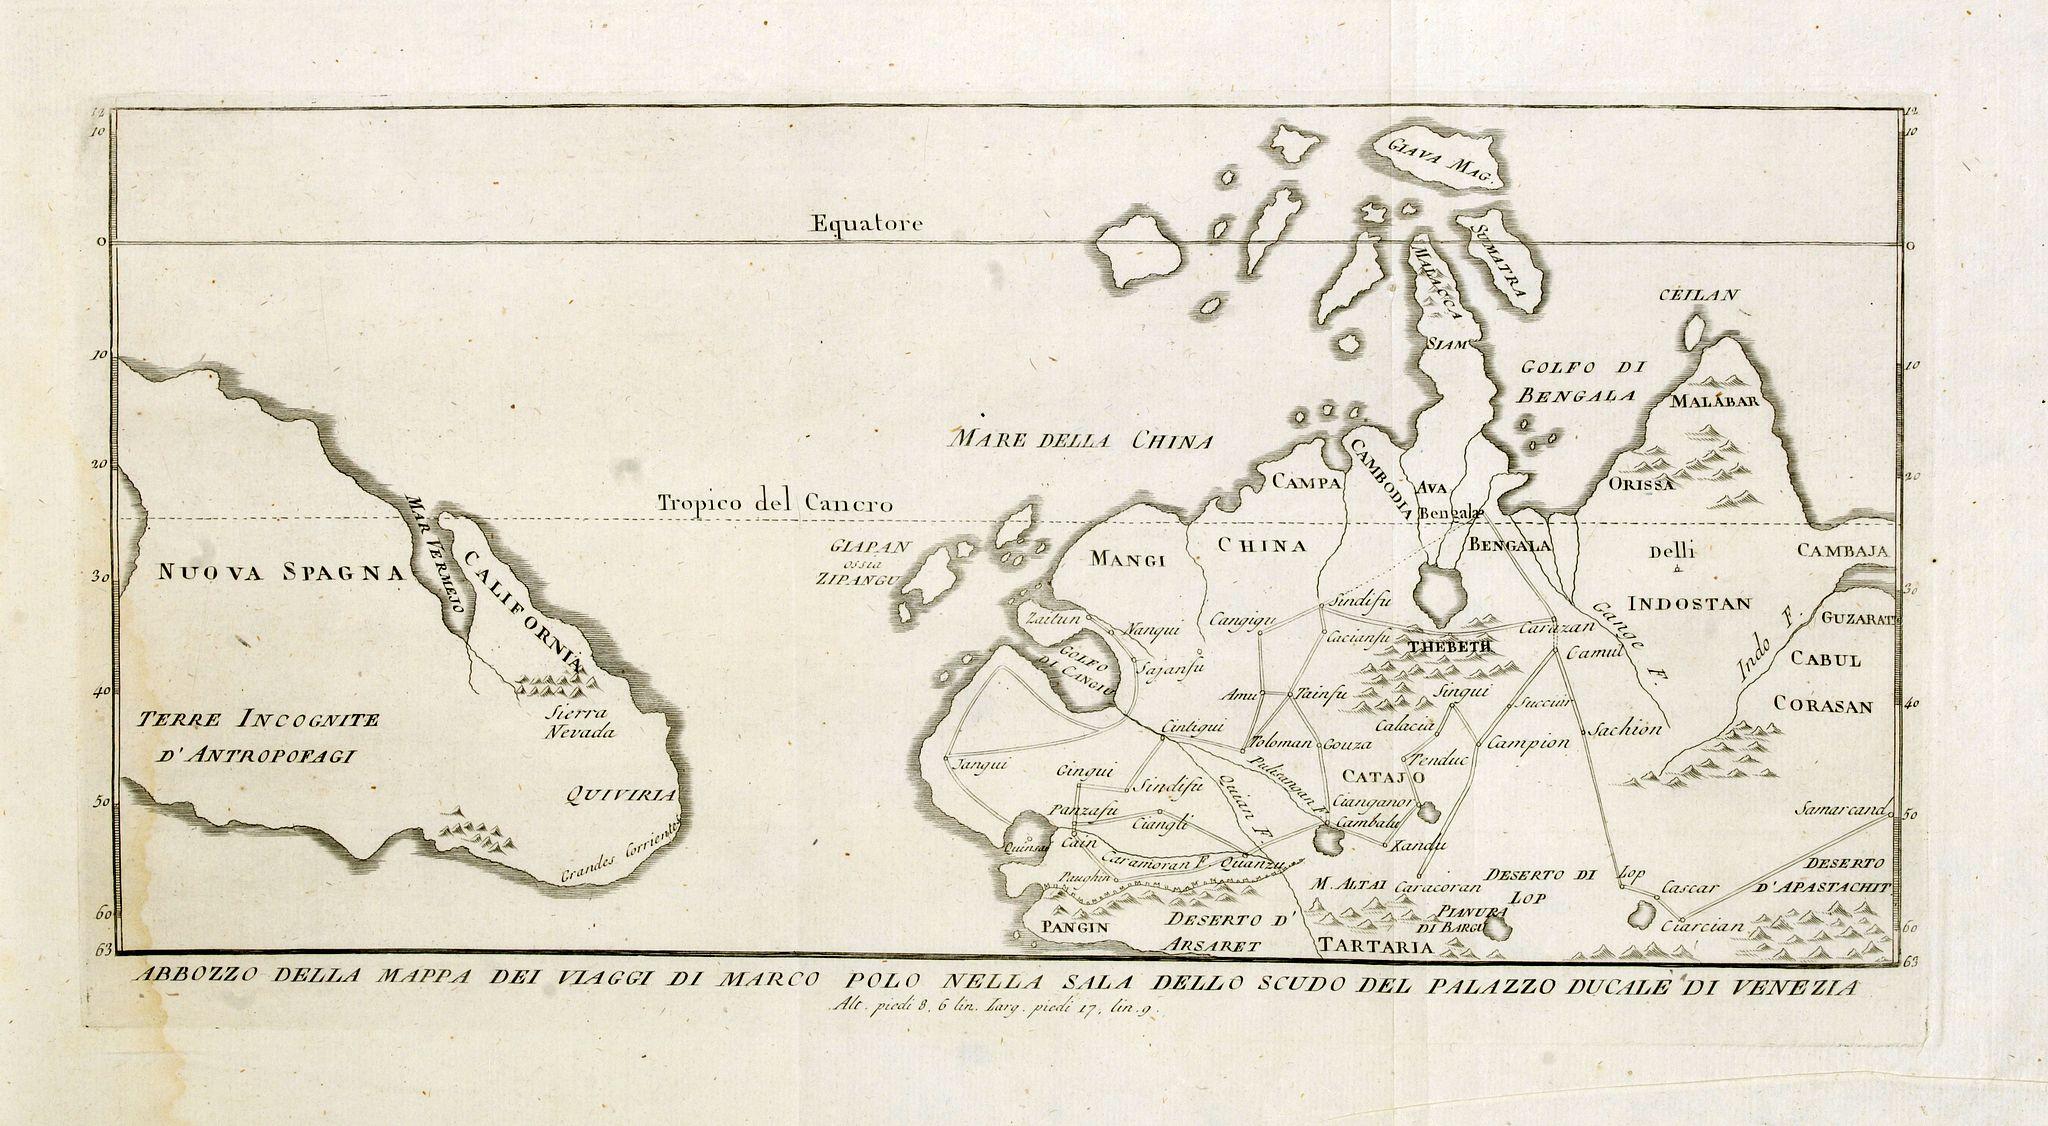 ZURLA, P. -  Abbozzo della mappa dei viaggi di Marco Polo nella sala dello Scudo del Palazzo ducale di Venezia.